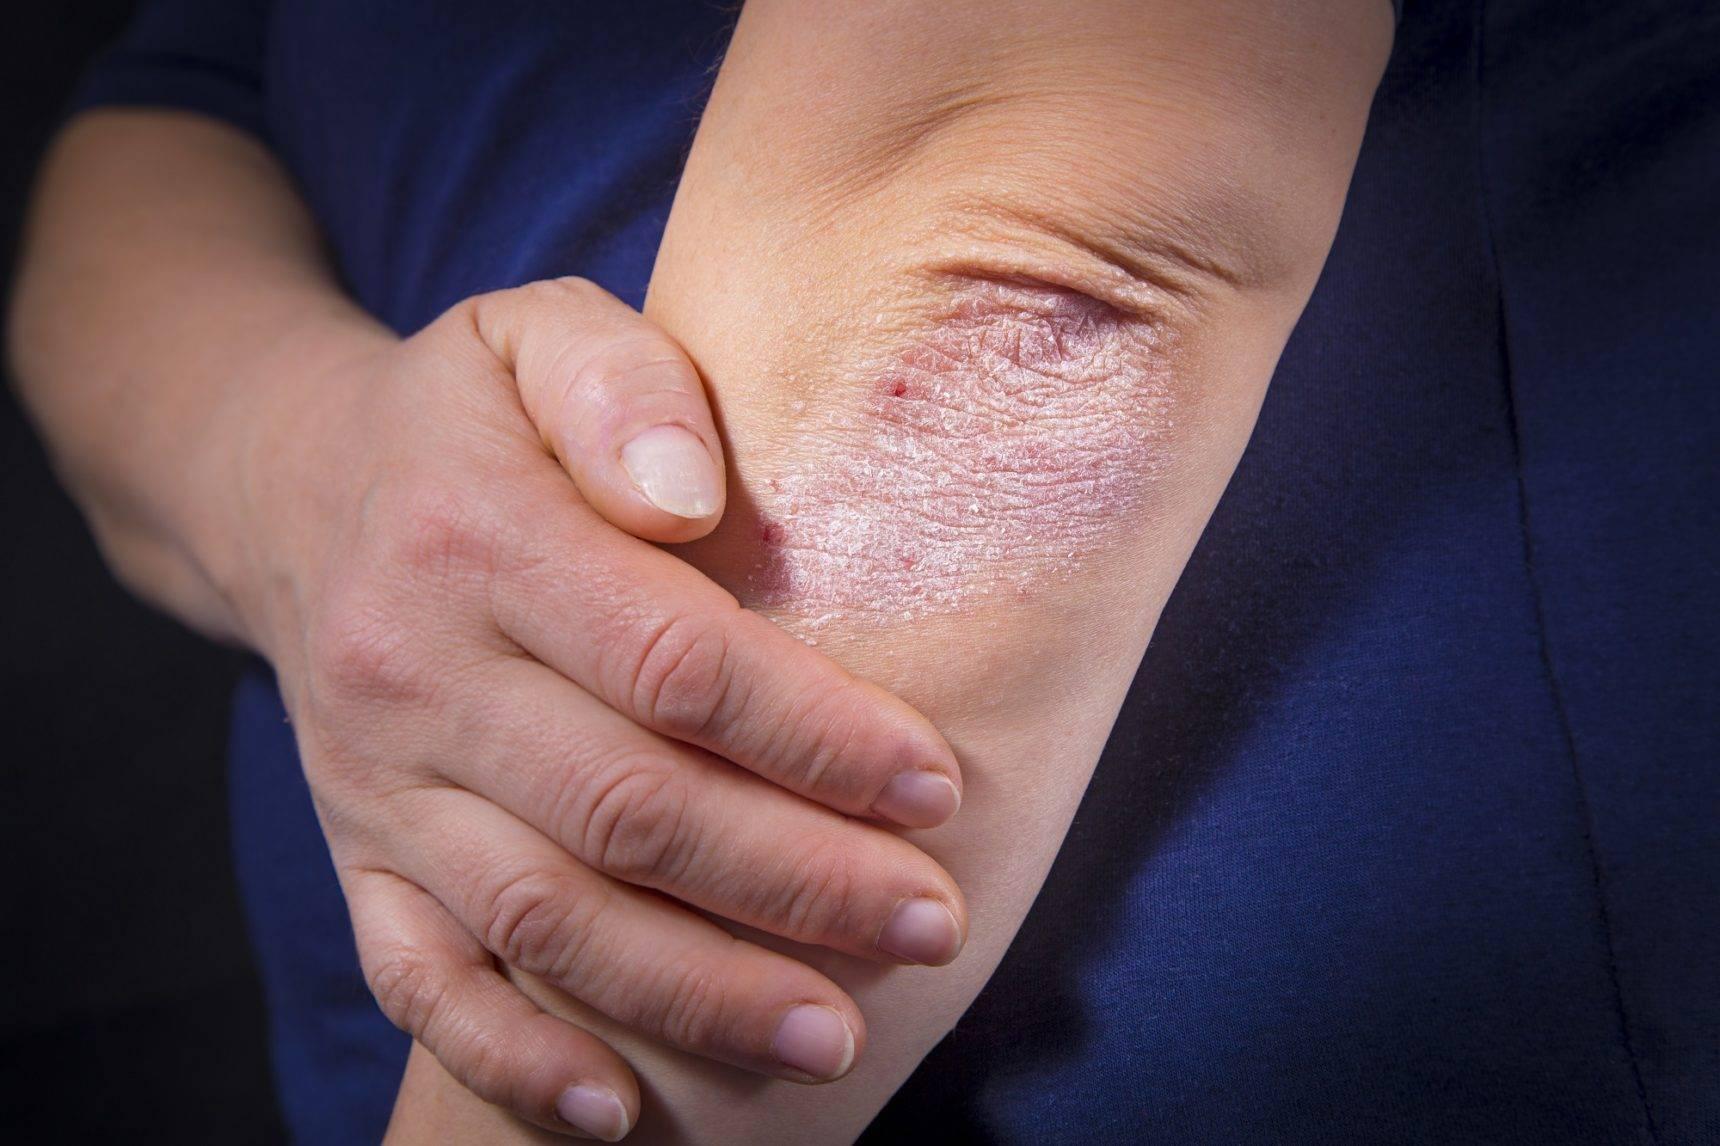 Псориаз у детей — начальные стадии, признаки развития, симптомы и варианты лечения. 110 фото и меры профилактики